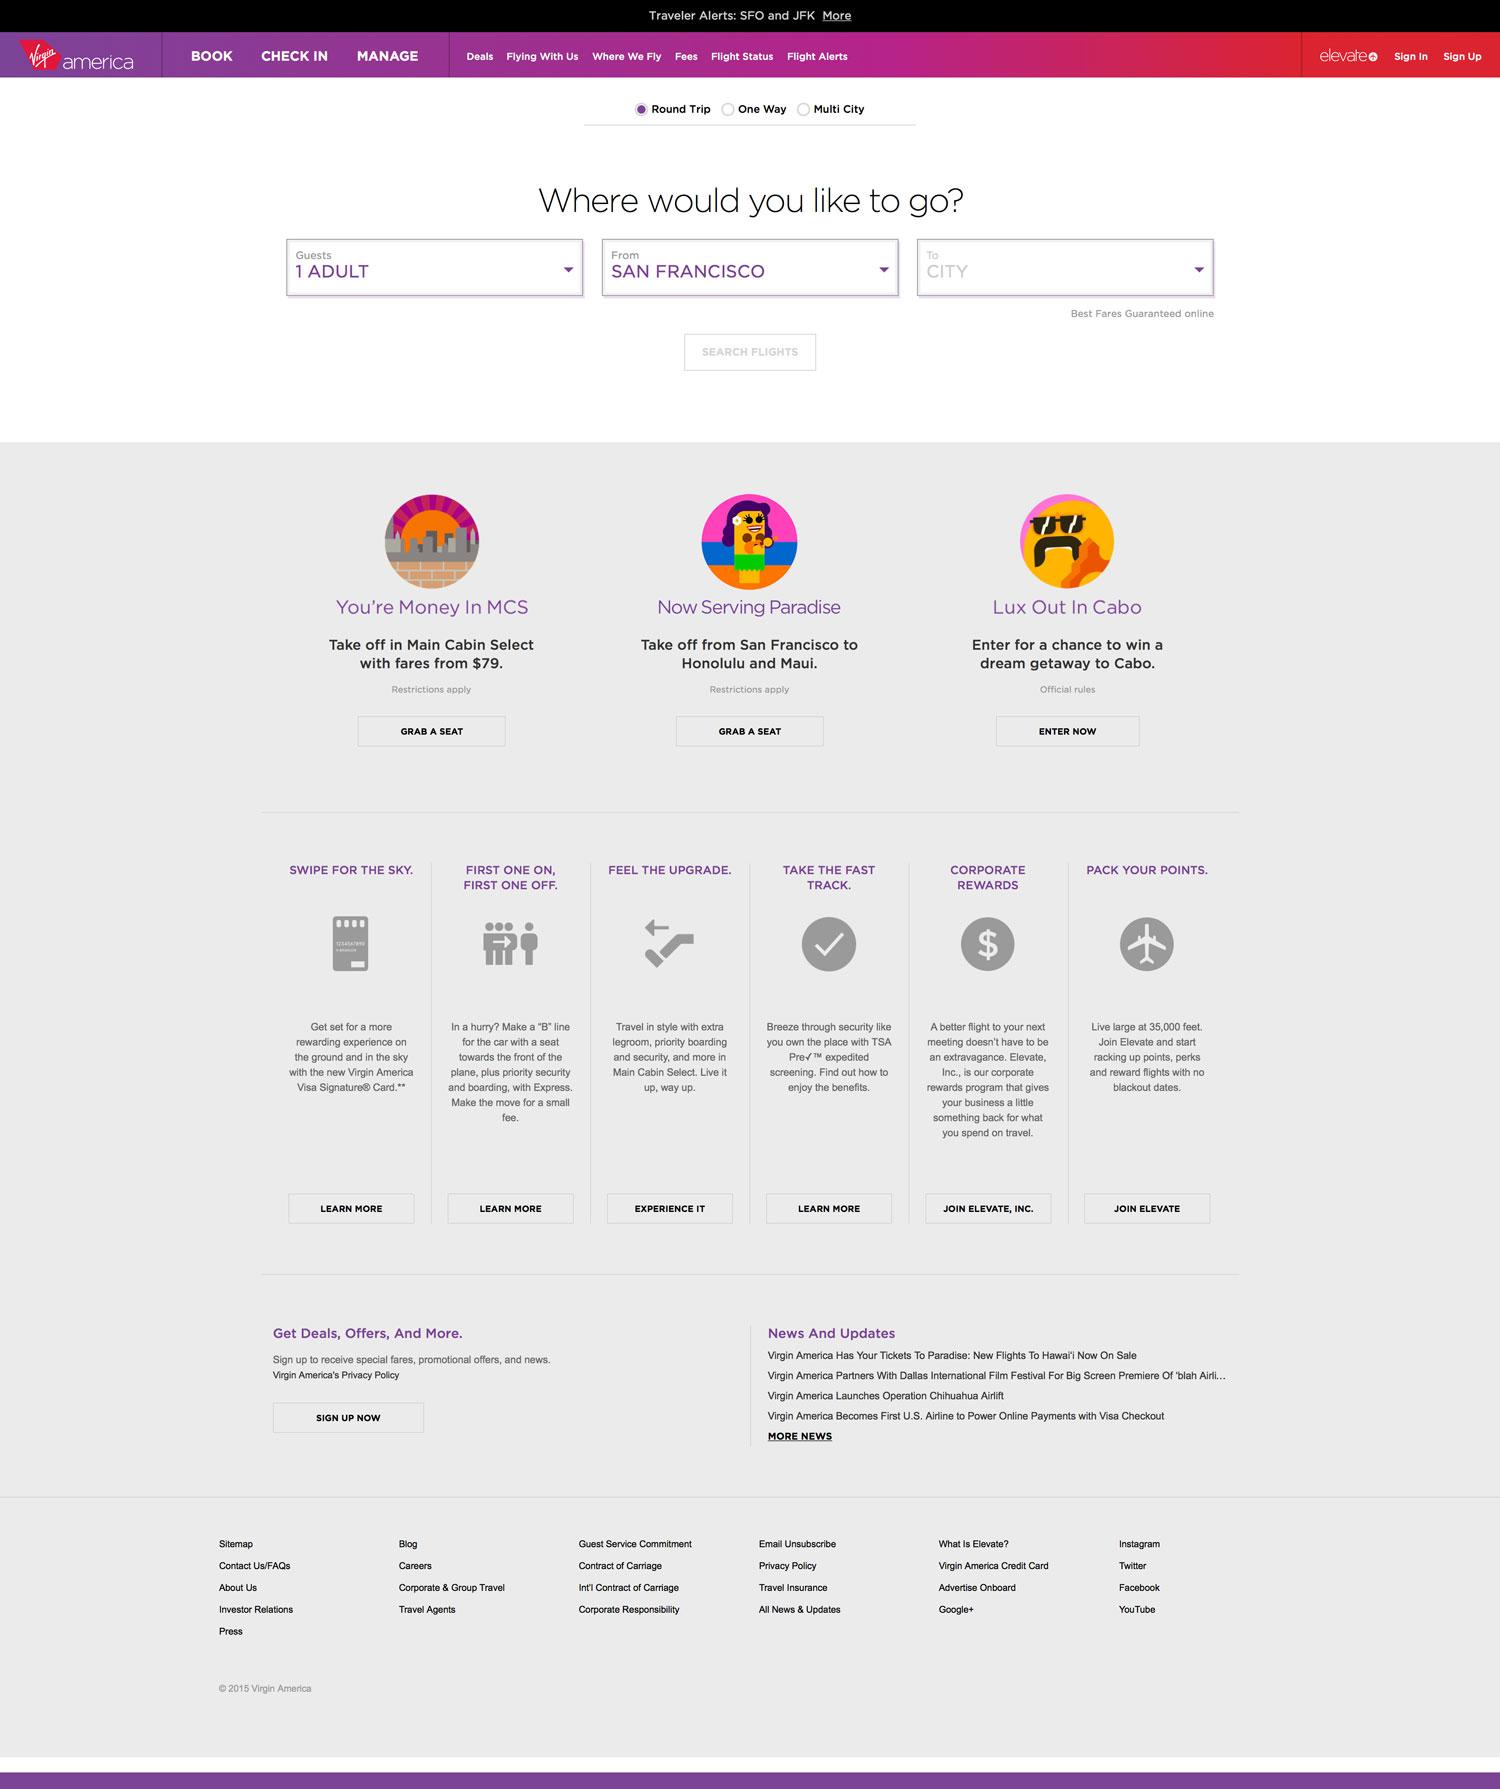 Sist men inte minst pratar Ethan om Virgin Americas hemsida som ett bra exempel på responsiv design, men också på en hemsida som vet vad besökaren vill ha.